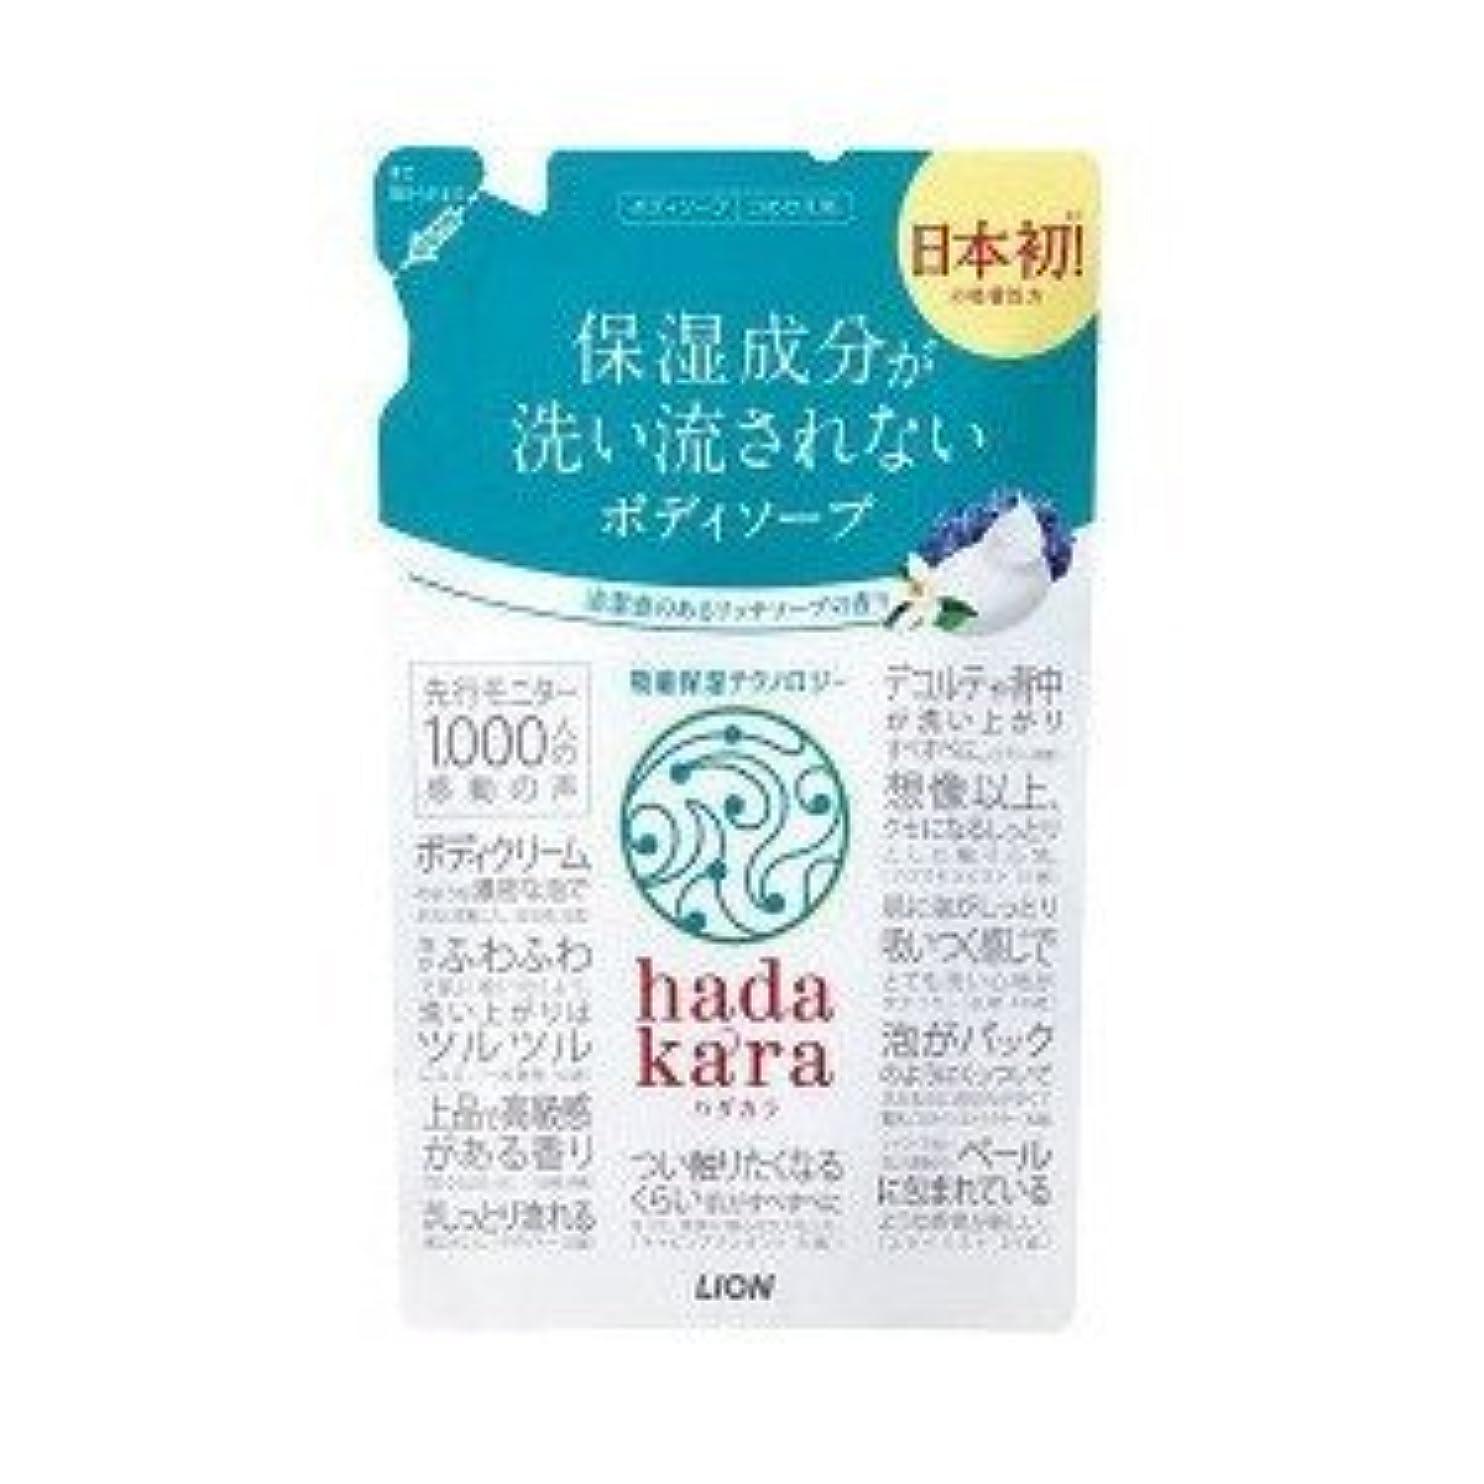 バレルボーカルコンテンポラリー(2016年秋の新商品)(ライオン)hadakara(ハダカラ) ボディソープ リッチソープの香り つめかえ用 360ml(お買い得3個セット)